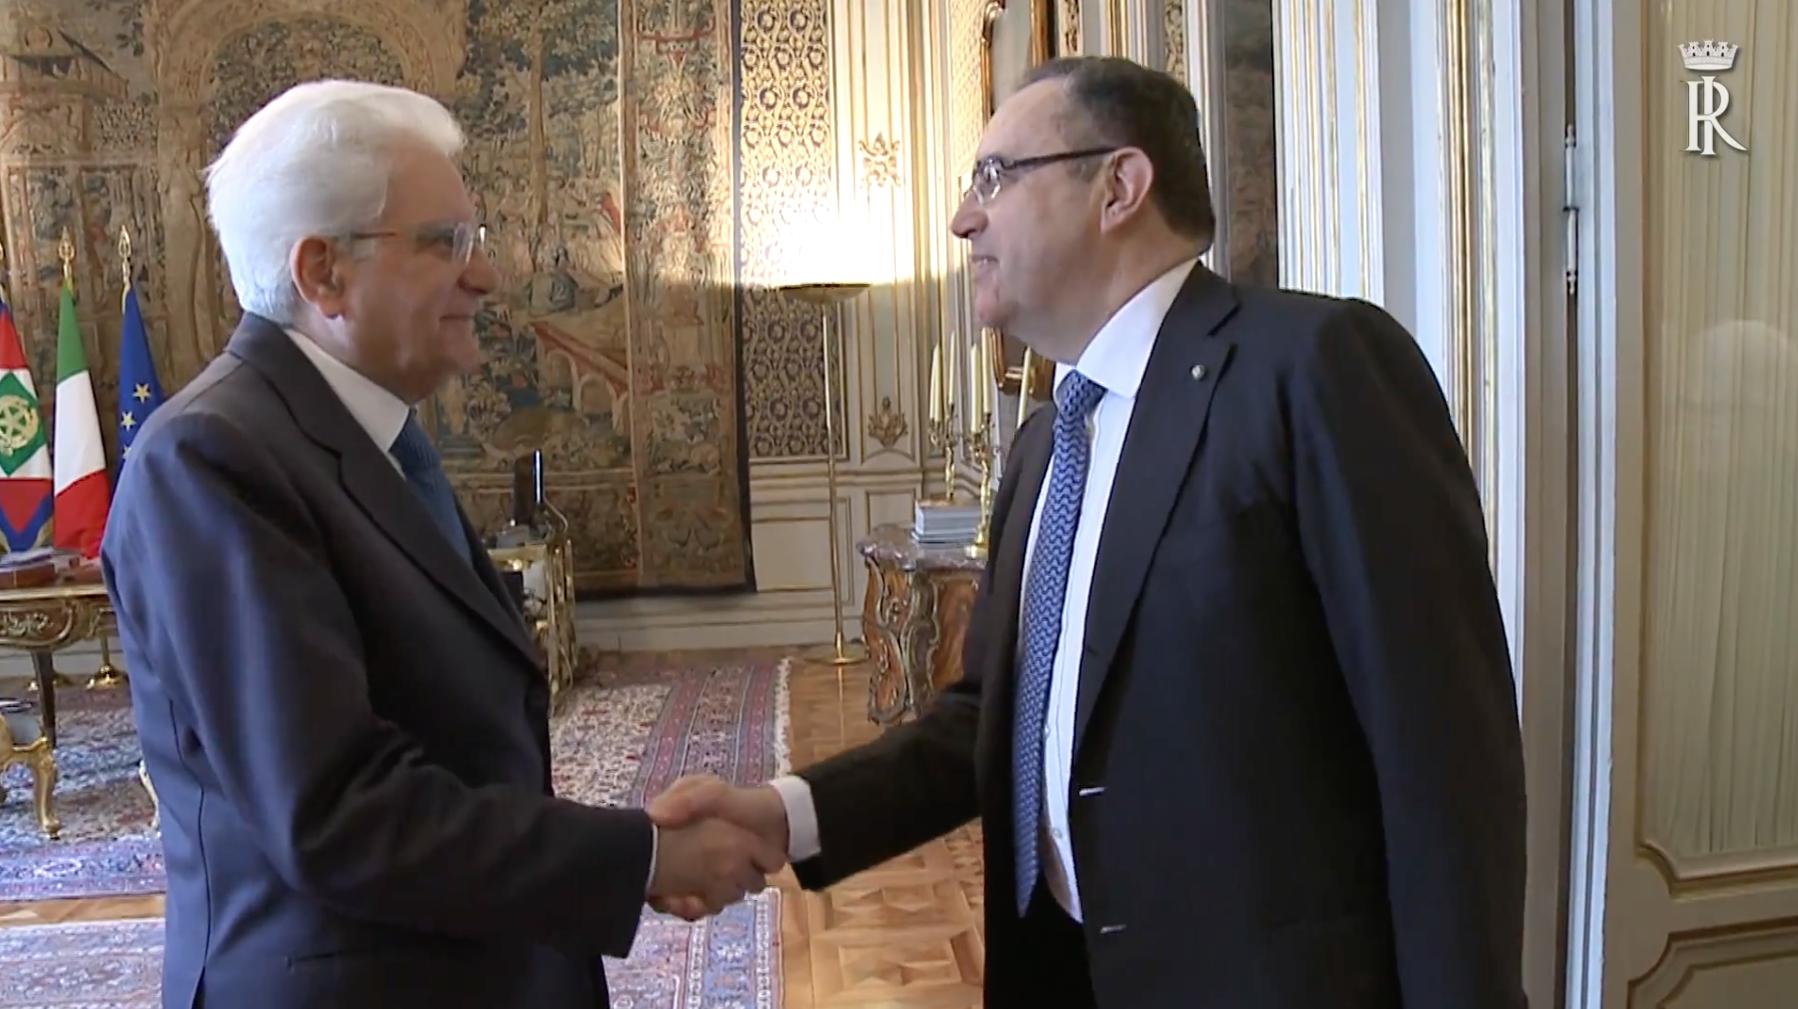 La Fondazione Roma Europea in udienza dal Presidente della Repubblica Sergio Mattarella